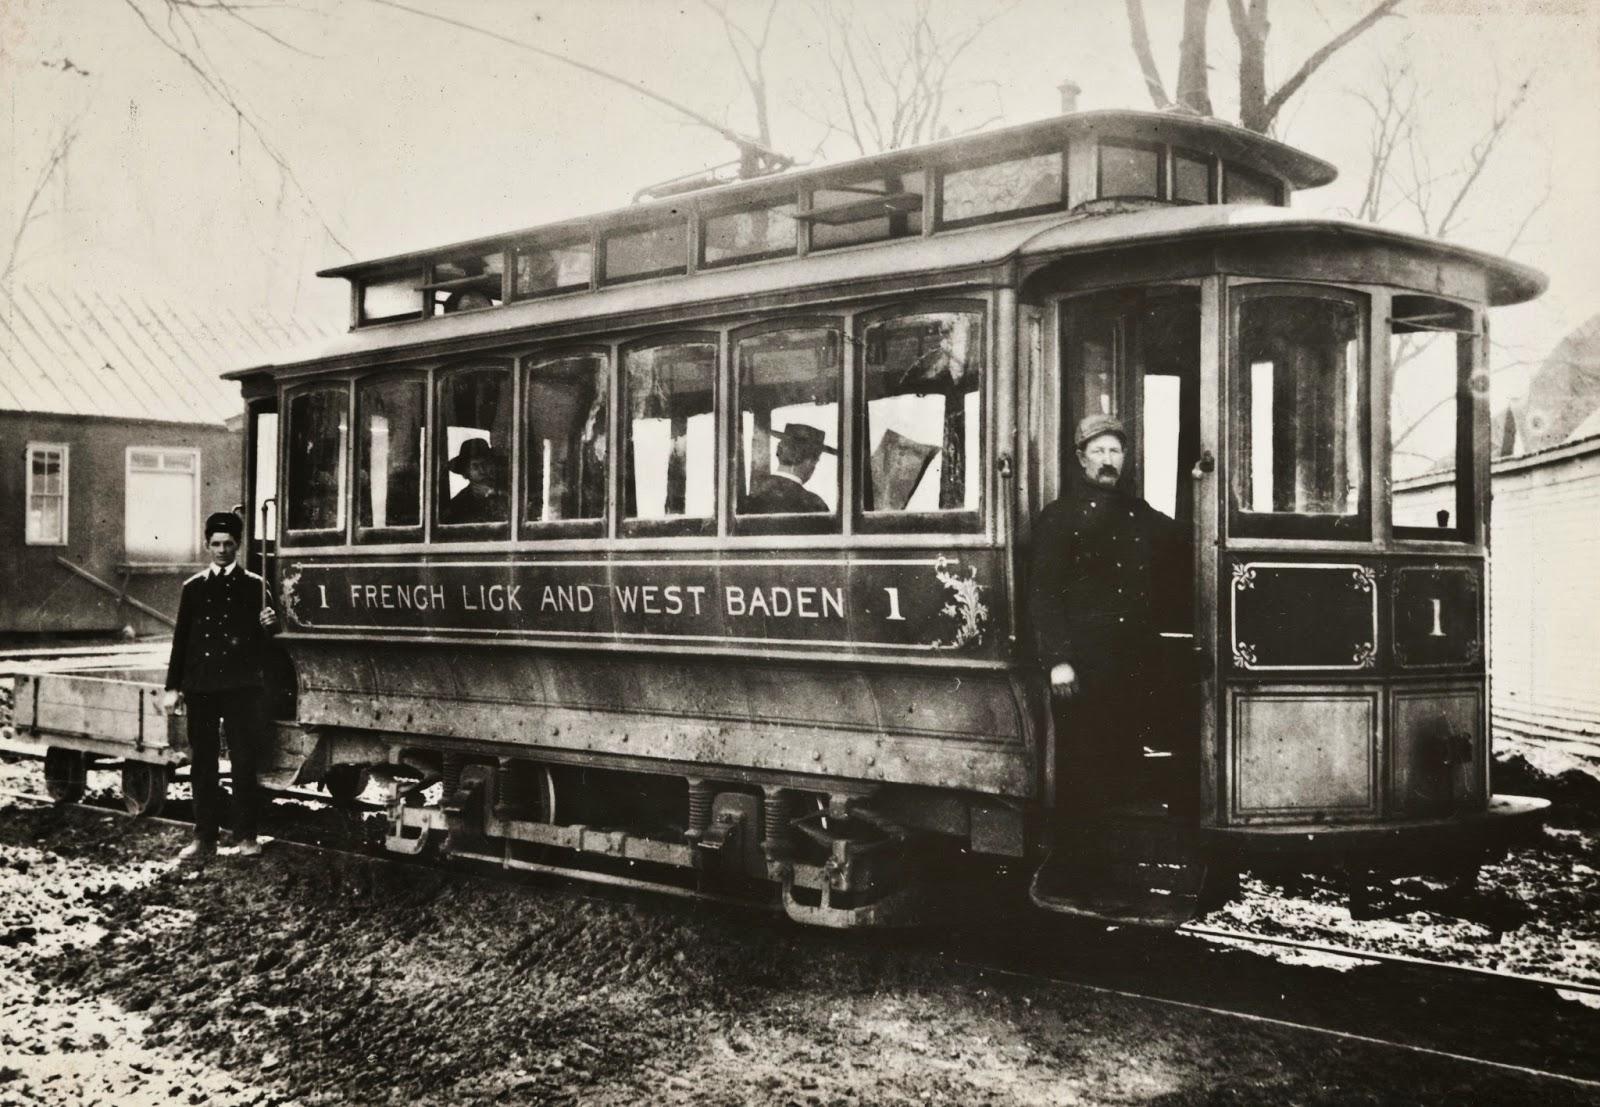 french-lick-railroad-museum-carmen-minor-porn